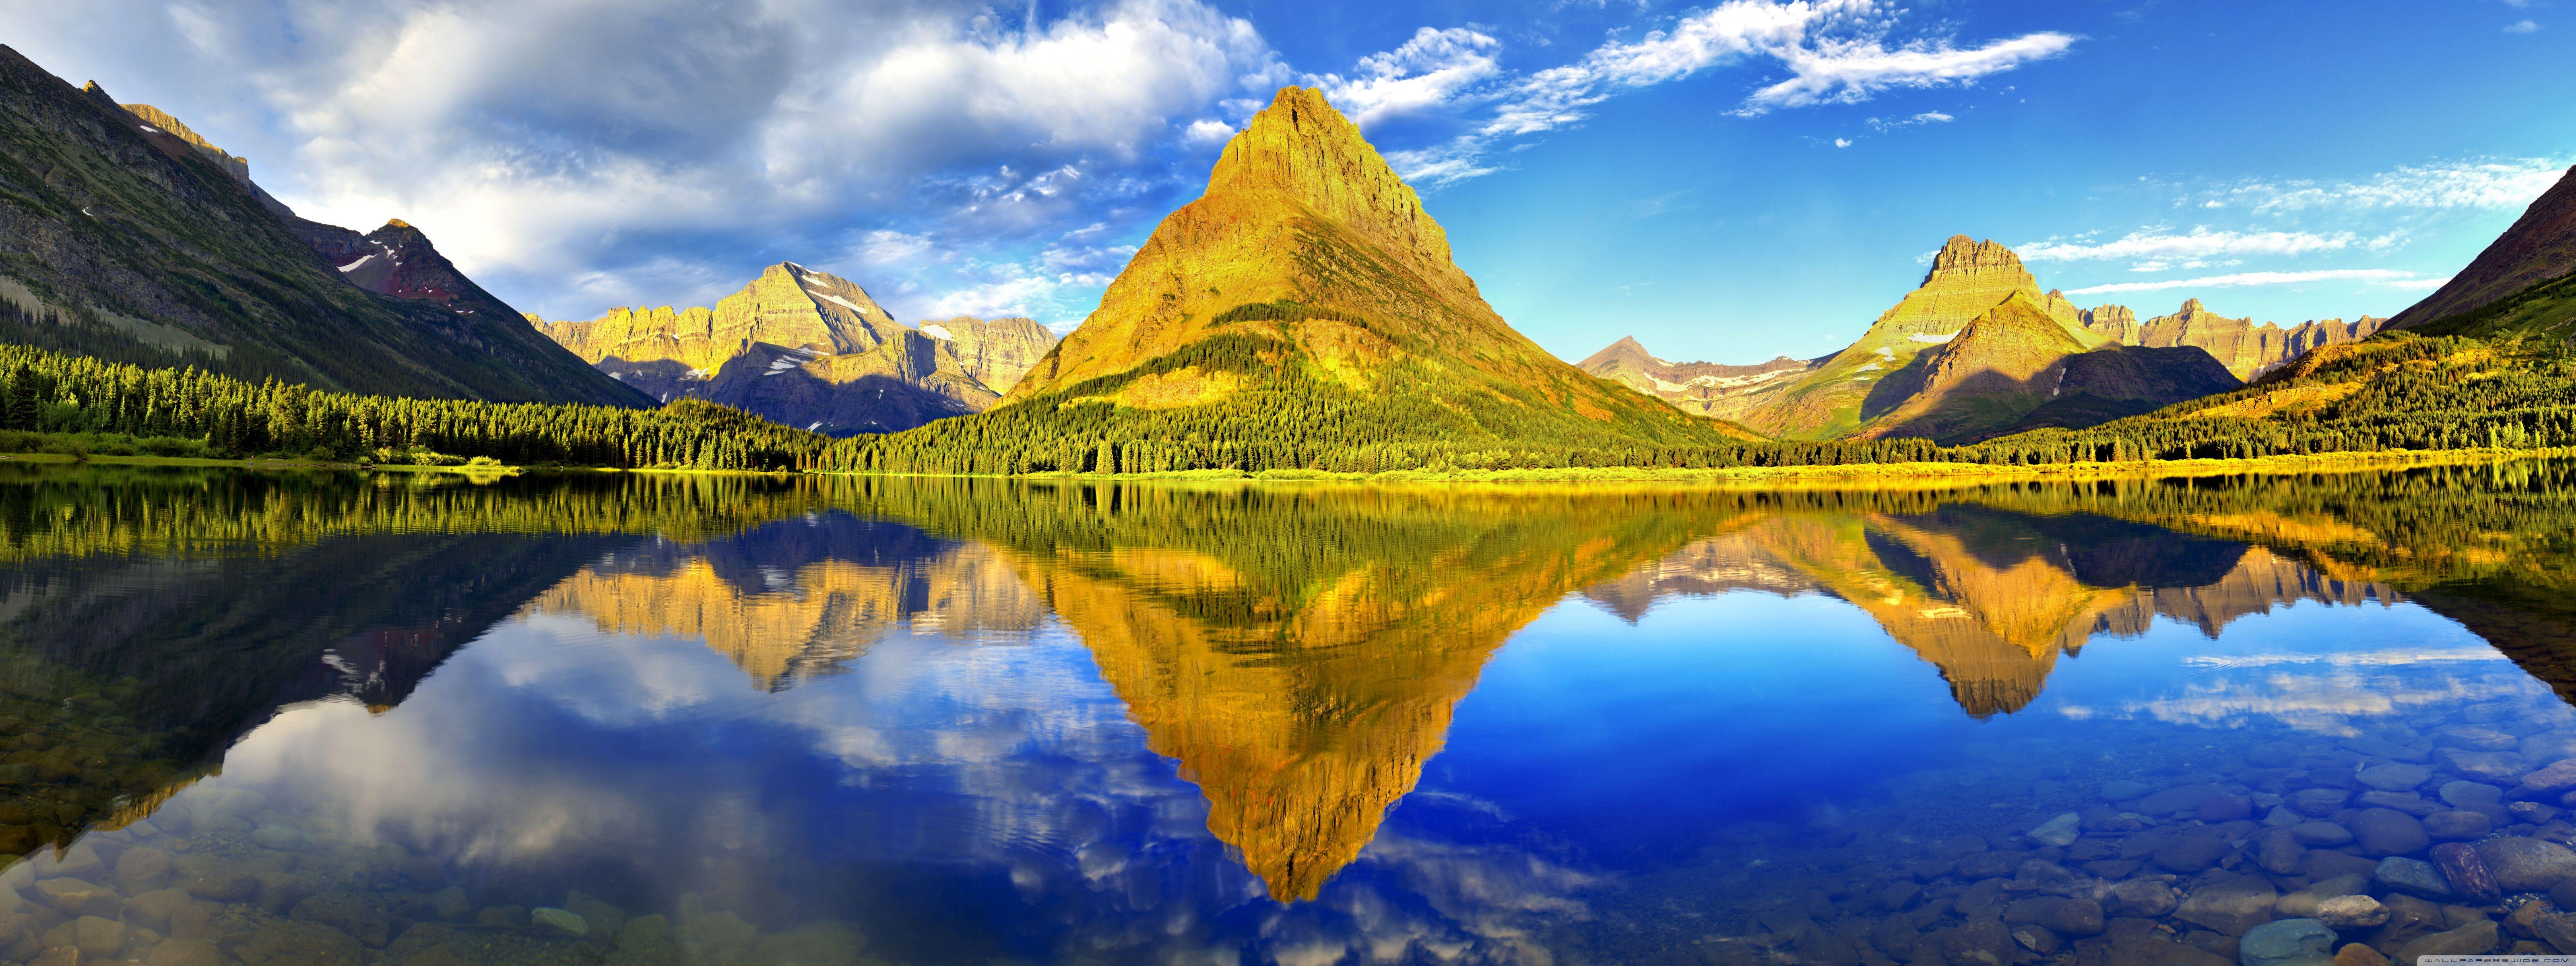 Windows 7 Panoramic Wallpaper Wallpapersafari Glacier National Park Glacier National Park Montana National Parks